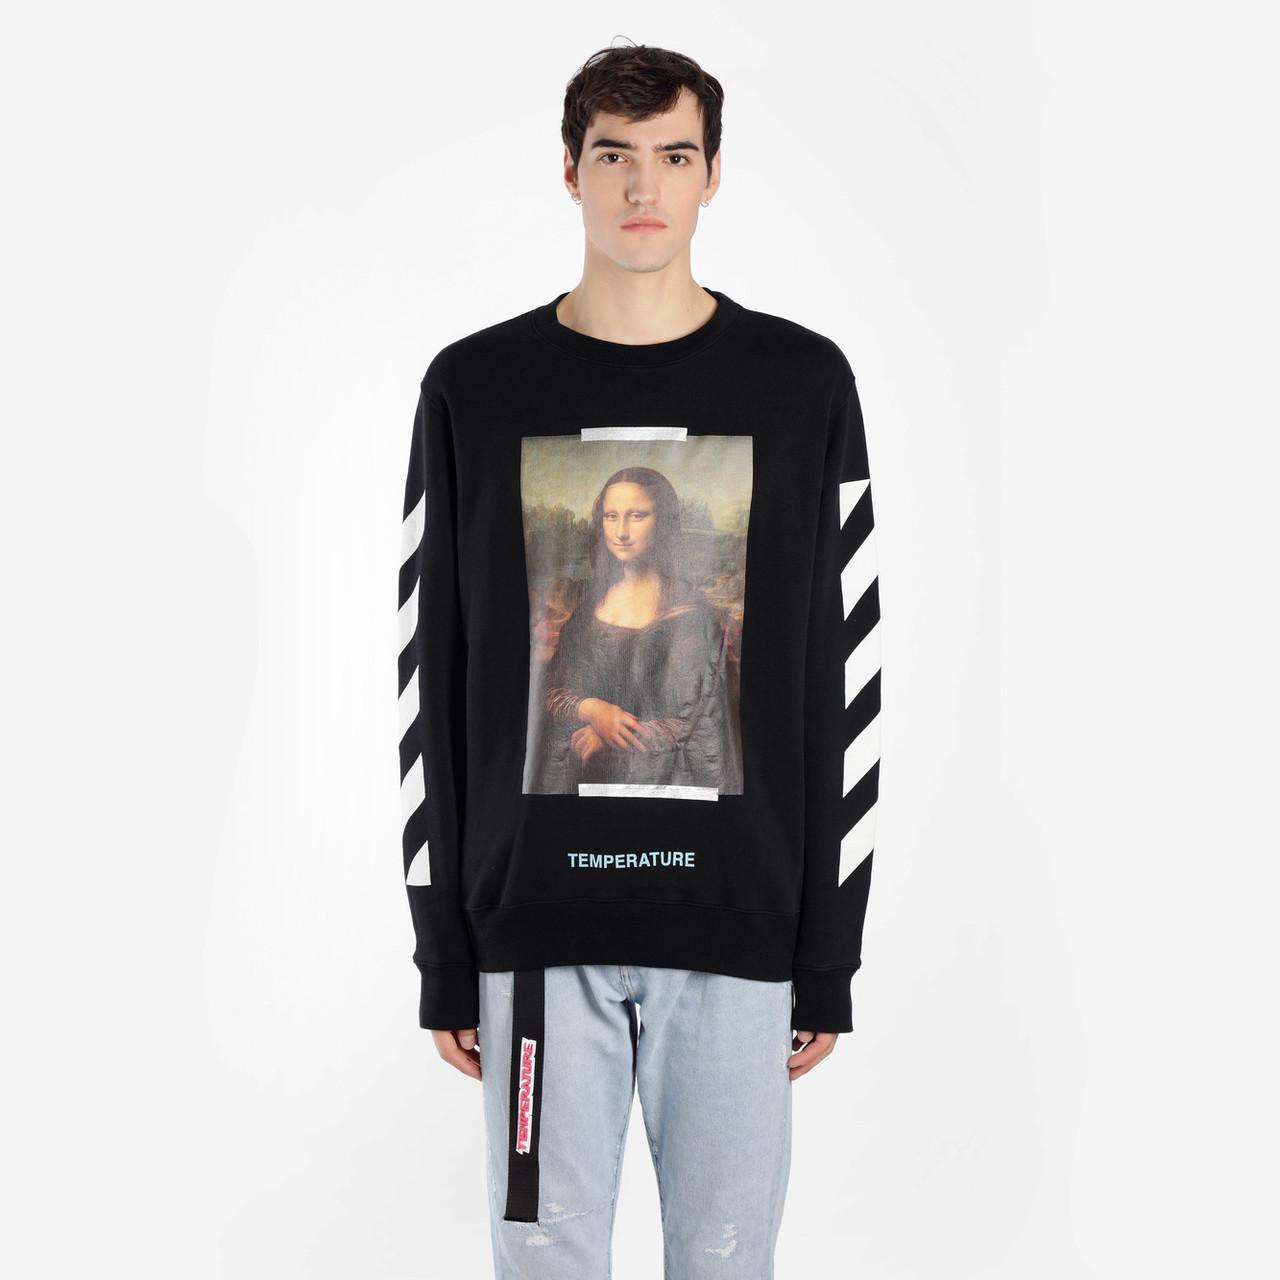 Свитшот OFF WHITE Mona Lisa B • Черный свитер • Оригинальный принт • Все размеры • Топ бирки